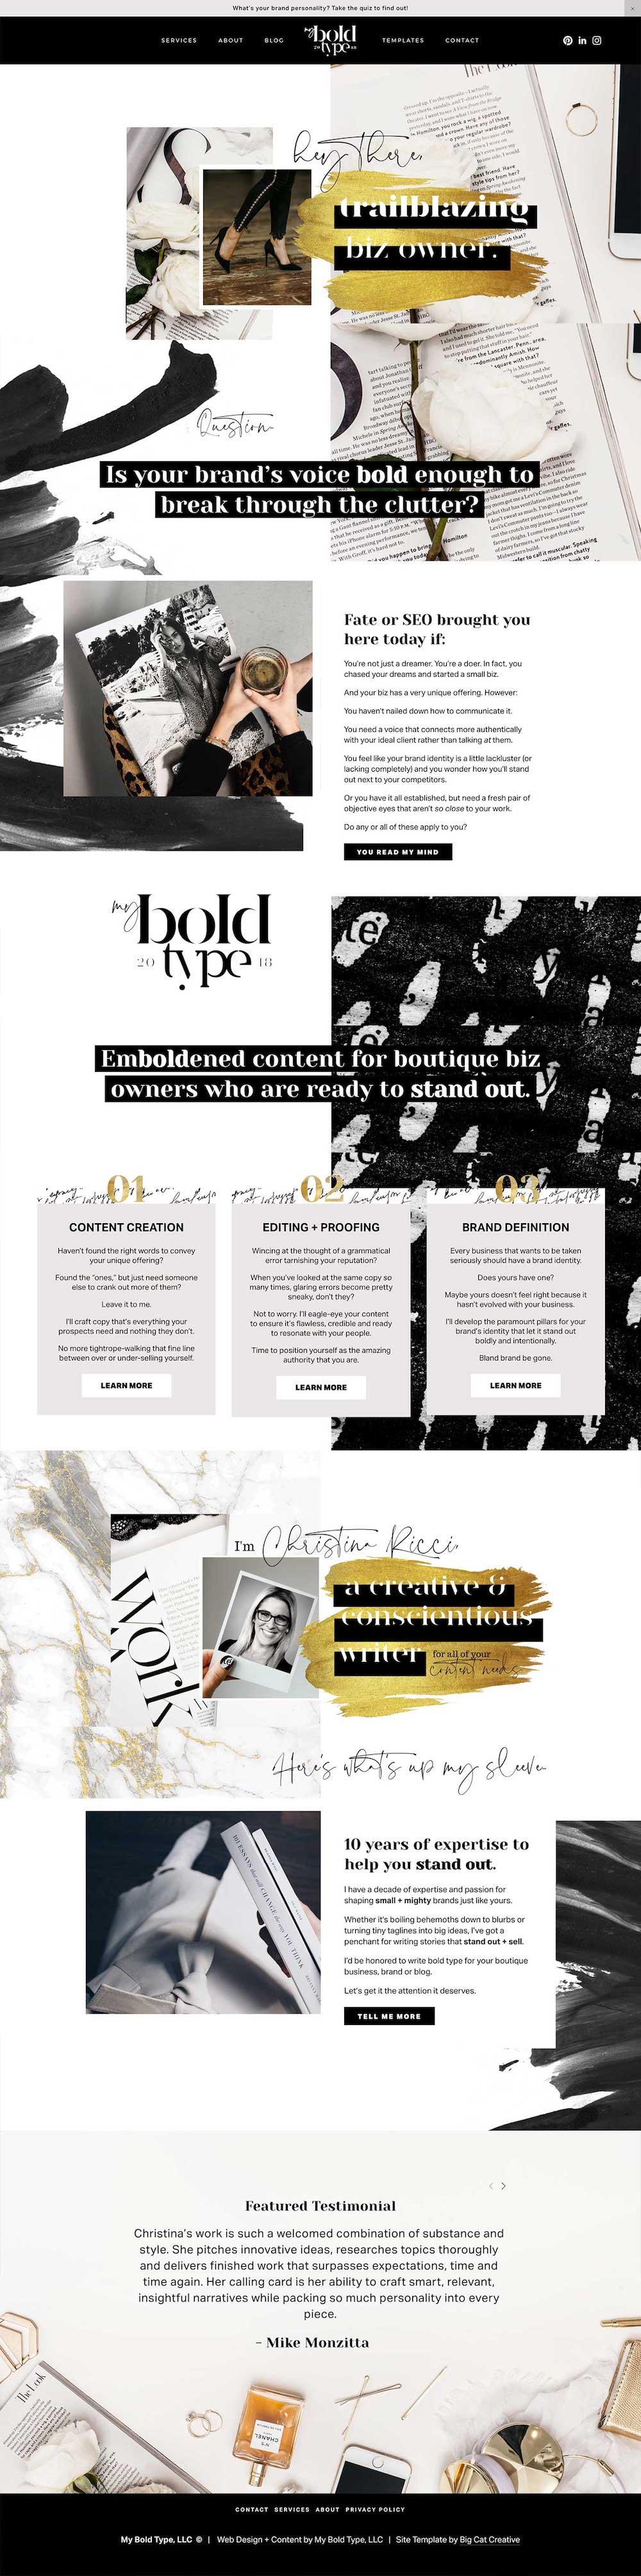 Squarespace Template Design by Big Cat Creative - Luna Template Showcase - My Bold Type